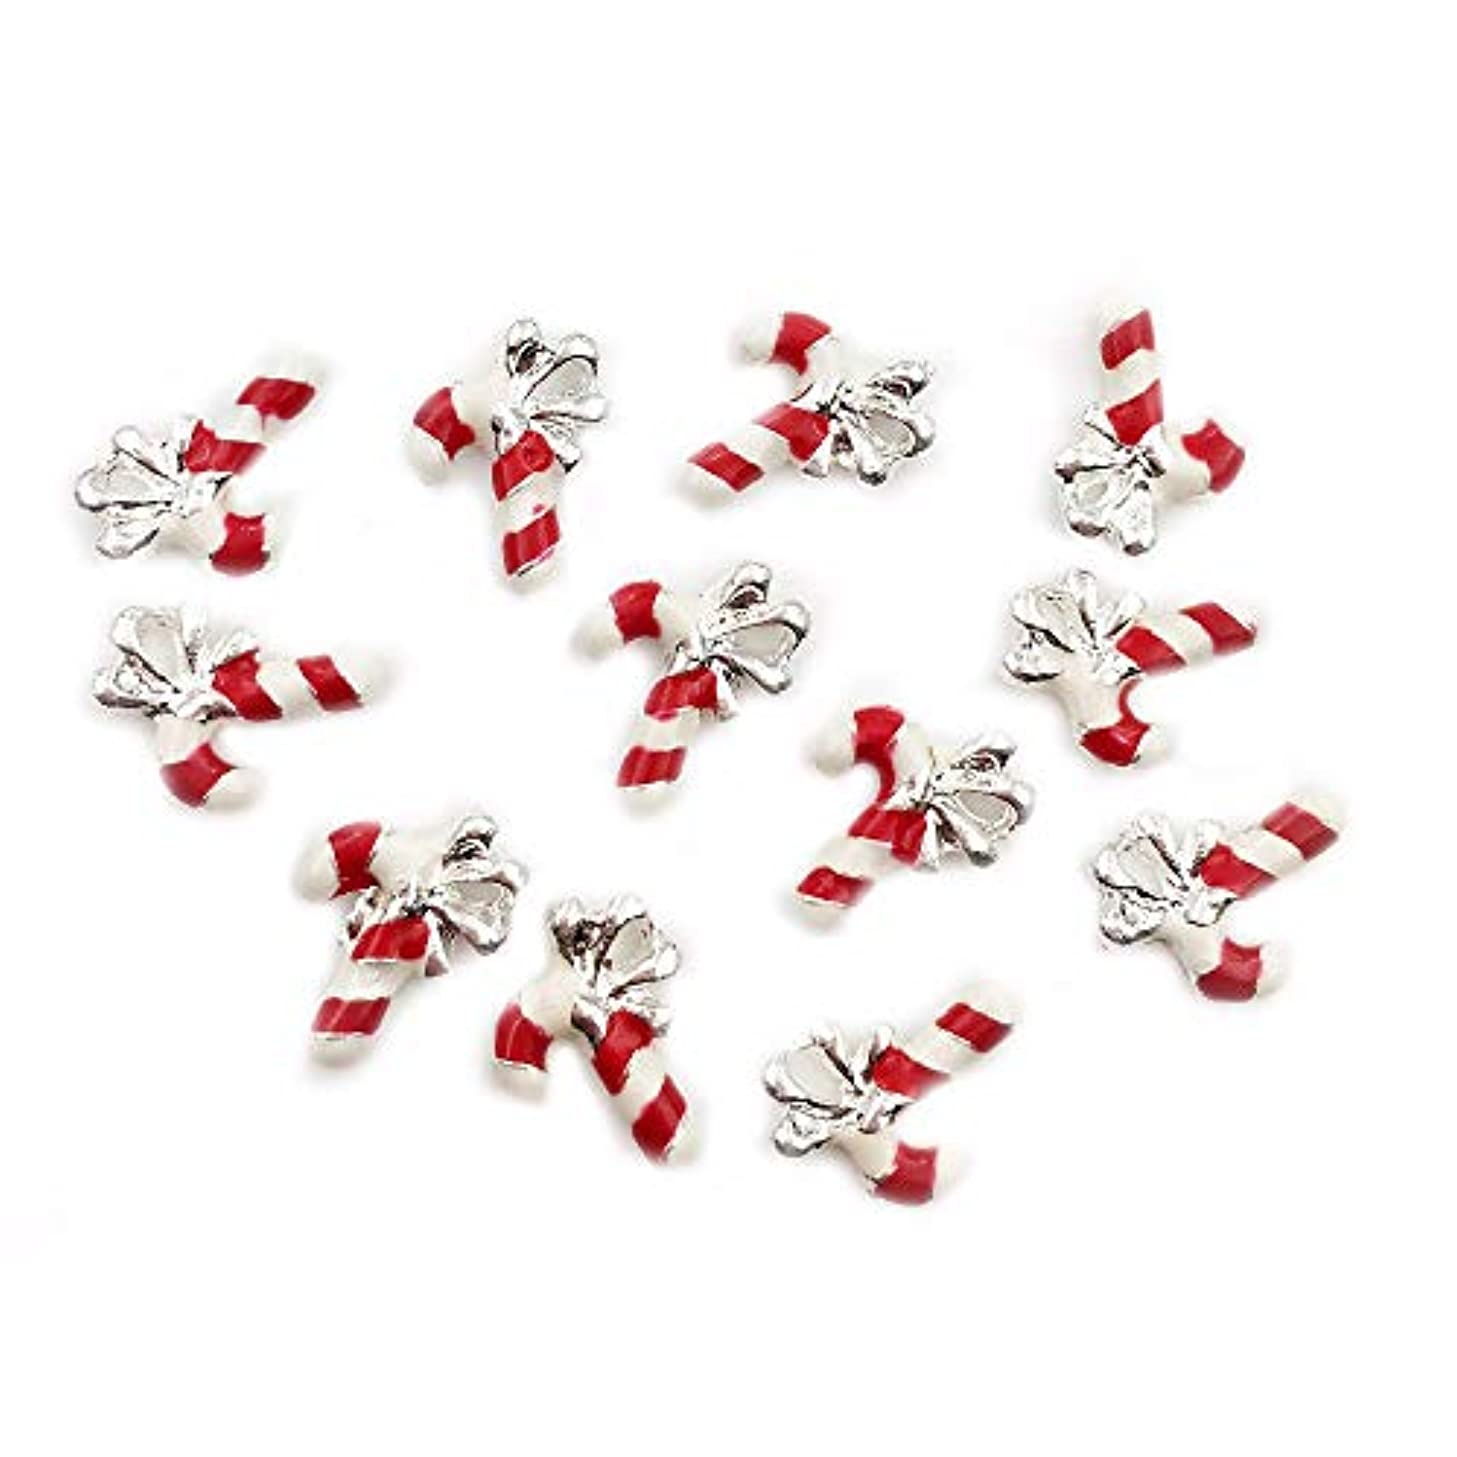 ゴージャス暫定飛躍クリスマスツリー10 PCSメタル3Dネイルアートクリスマスの装飾チャームネイルズグリッターラインストーンネイル用品ジュエリー